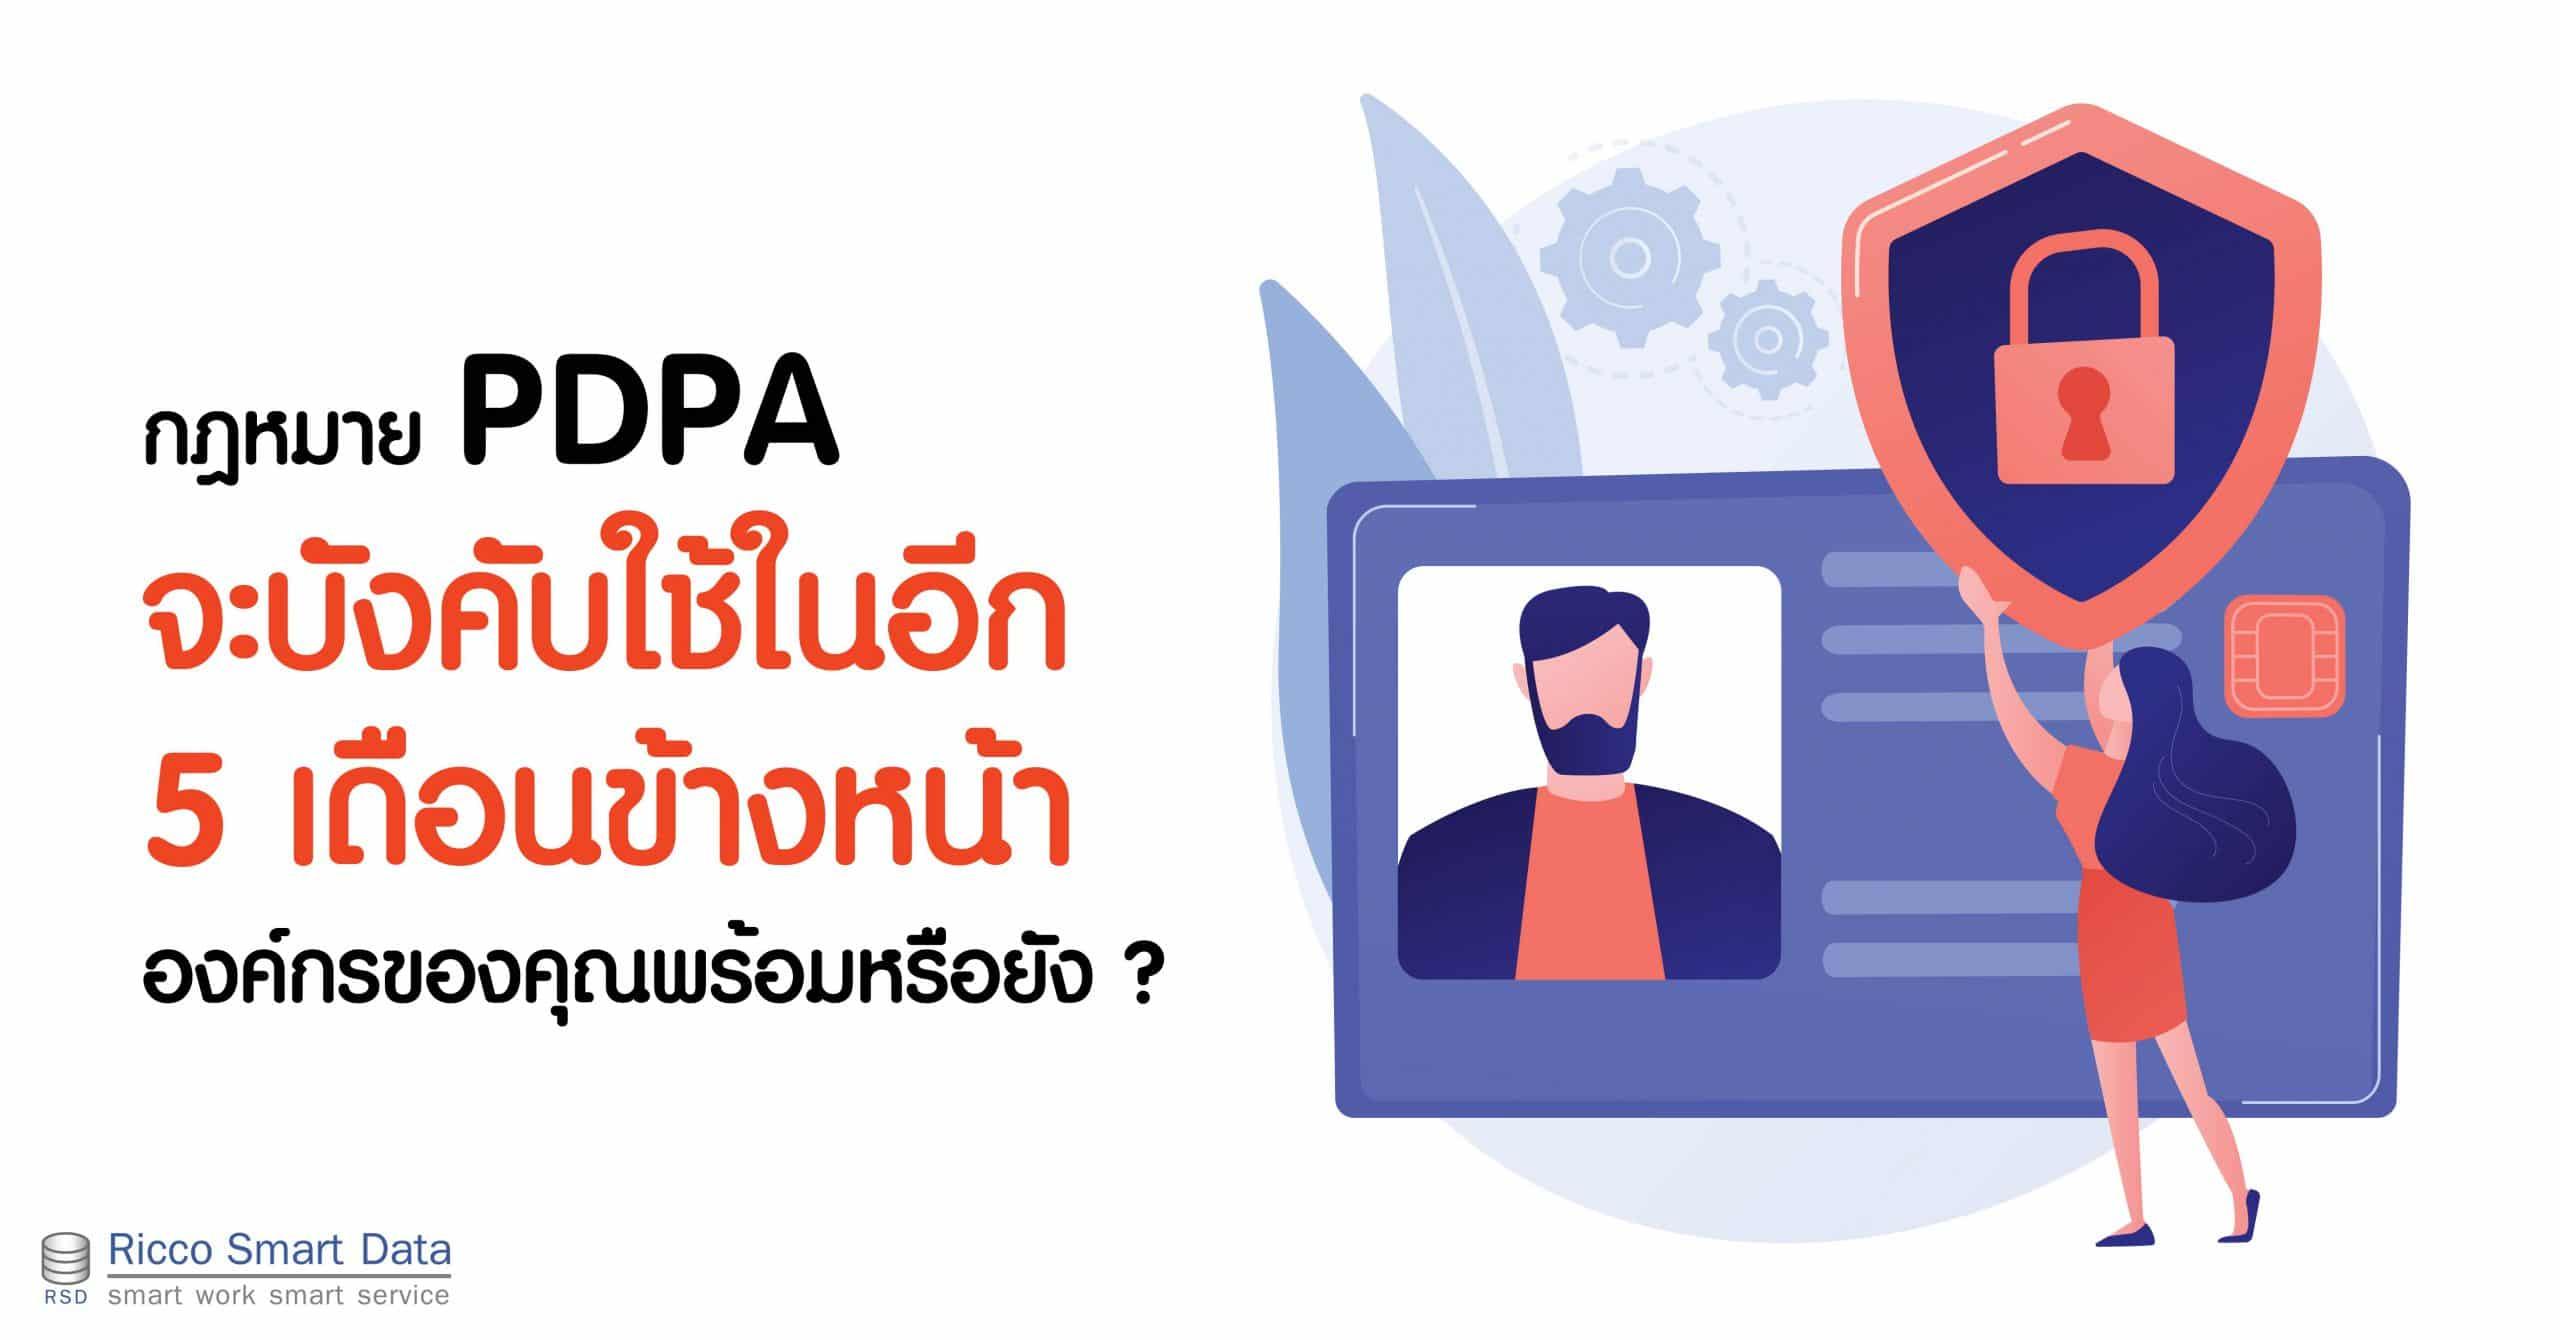 ชื่อรูป: PDPA scaled ประกอบเนื้อหา: กฎหมาย PDPA จะบังคับใช้ในอีก 5 เดือนข้างหน้า องค์กรของคุณพร้อมหรือยัง ?